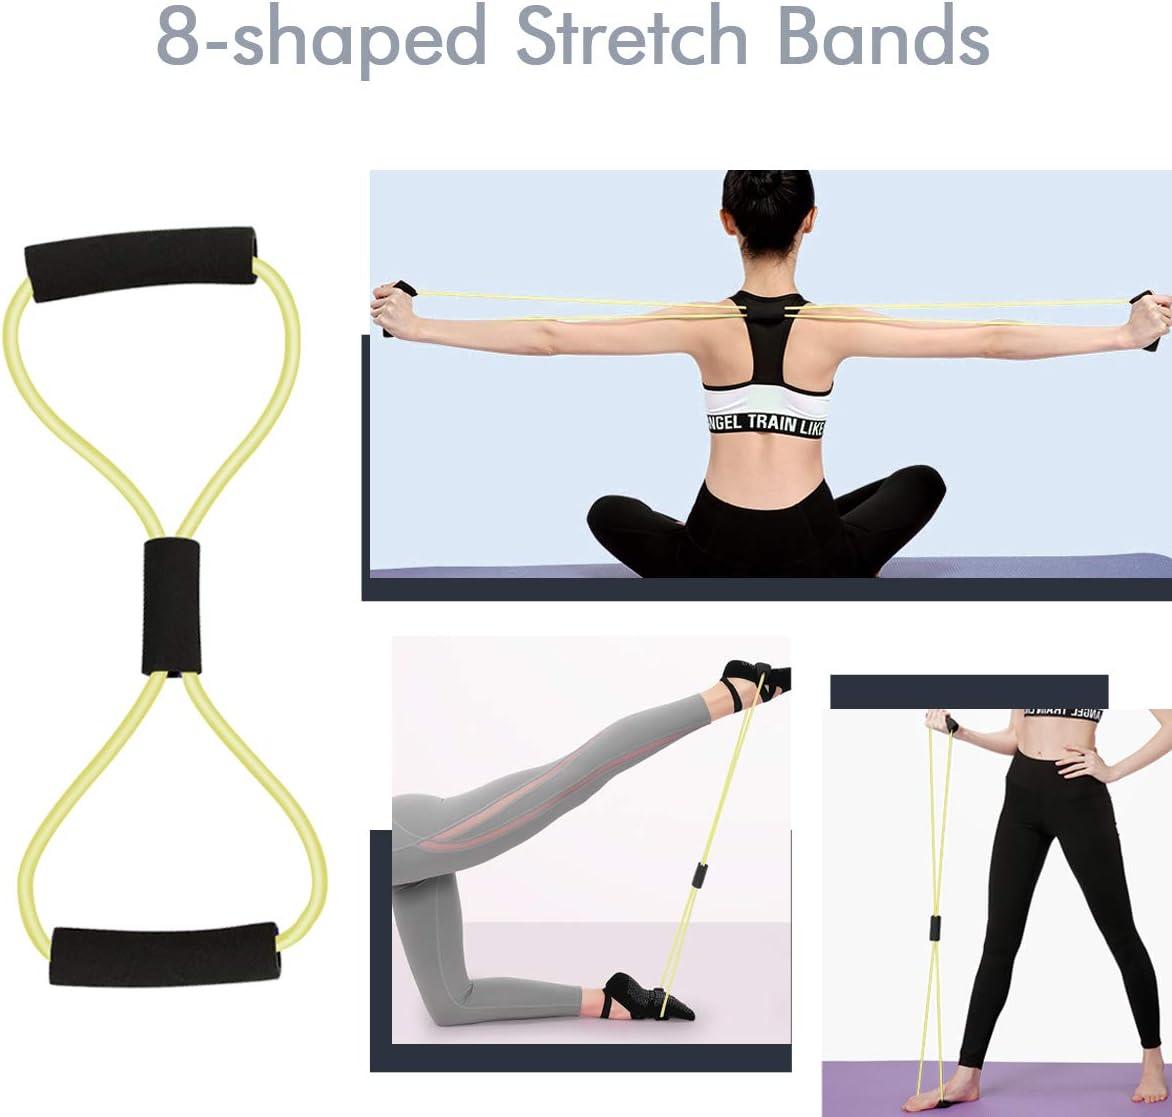 ventre accessoires de gymnastique pour bras yoga, pilates, parfait pour les squats. fessier Lot de 12 bandes de r/ésistance MHSY pour exercices de musculation poitrine dos jambes